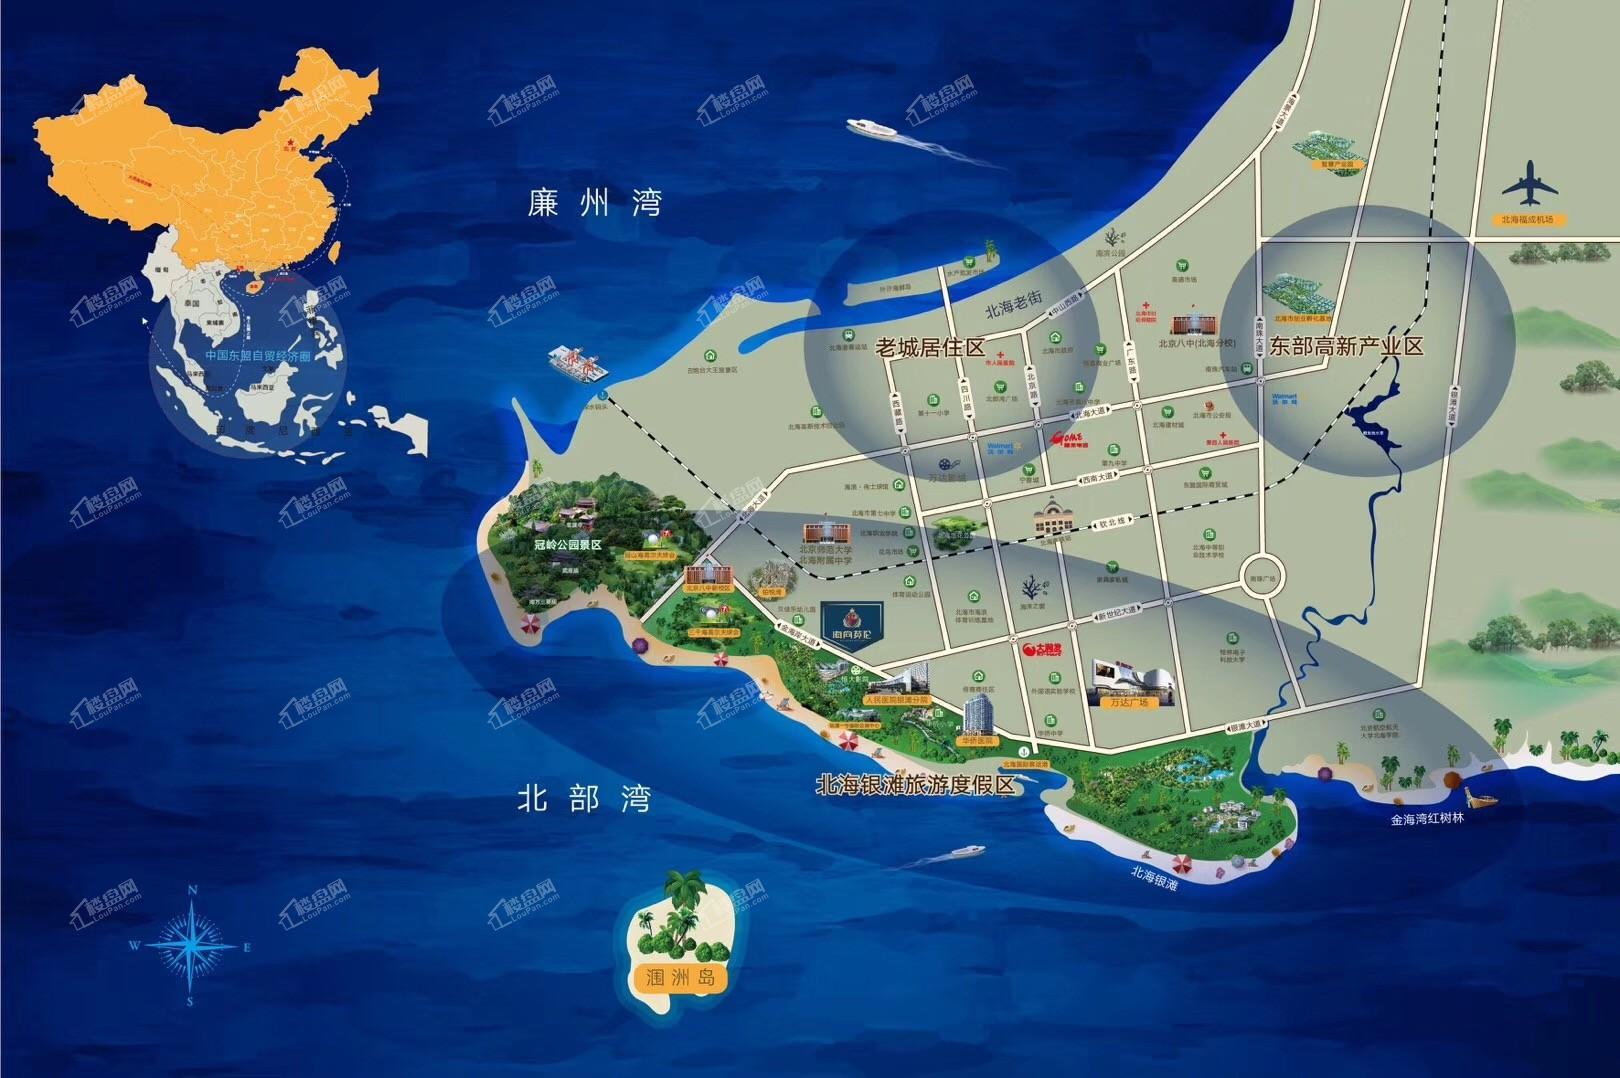 海尚英伦区位图